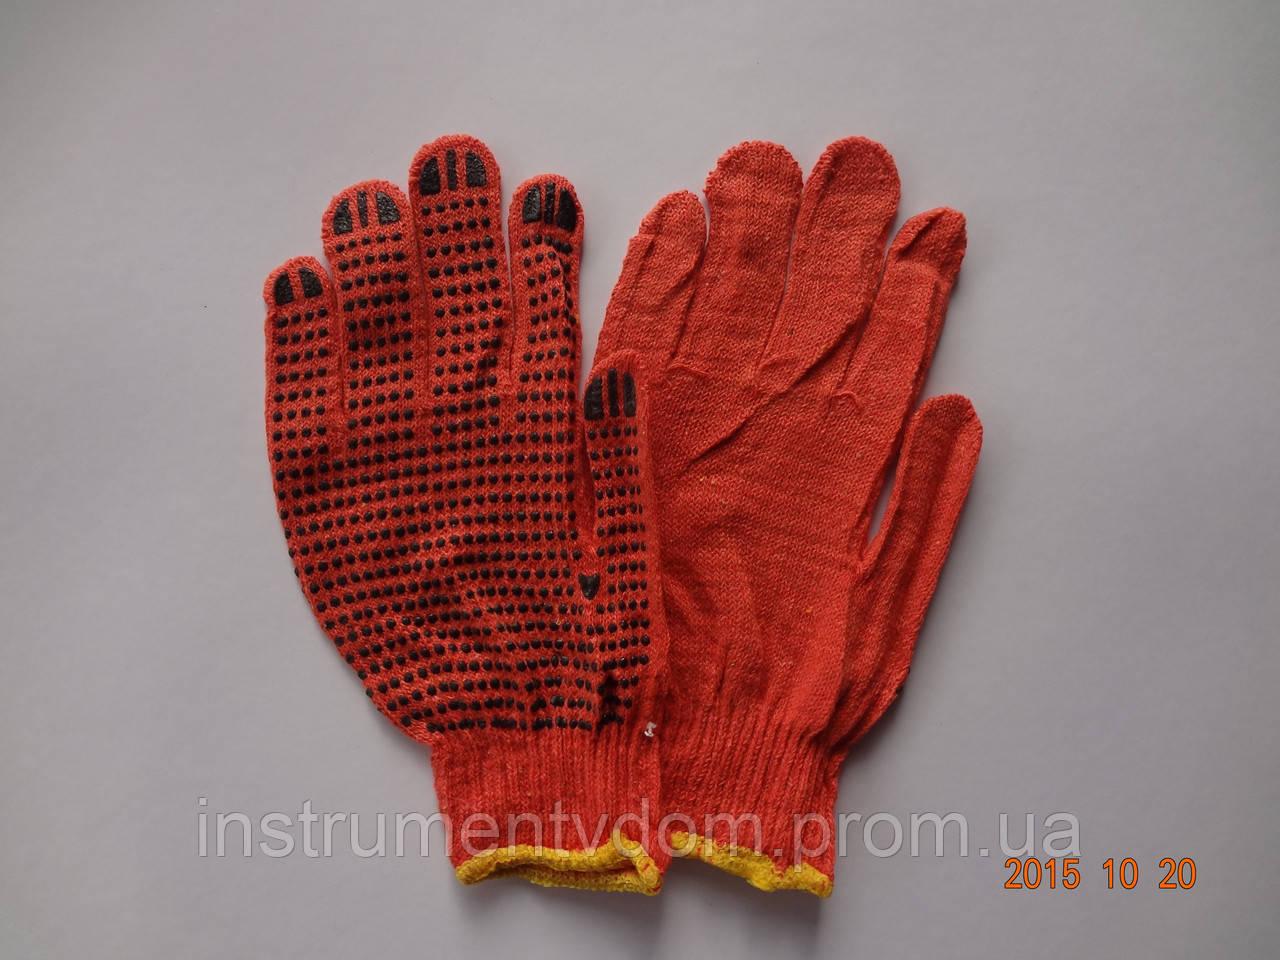 Перчатки оранжевые х/б с ПВХ точкой (упаковка 12 пар)